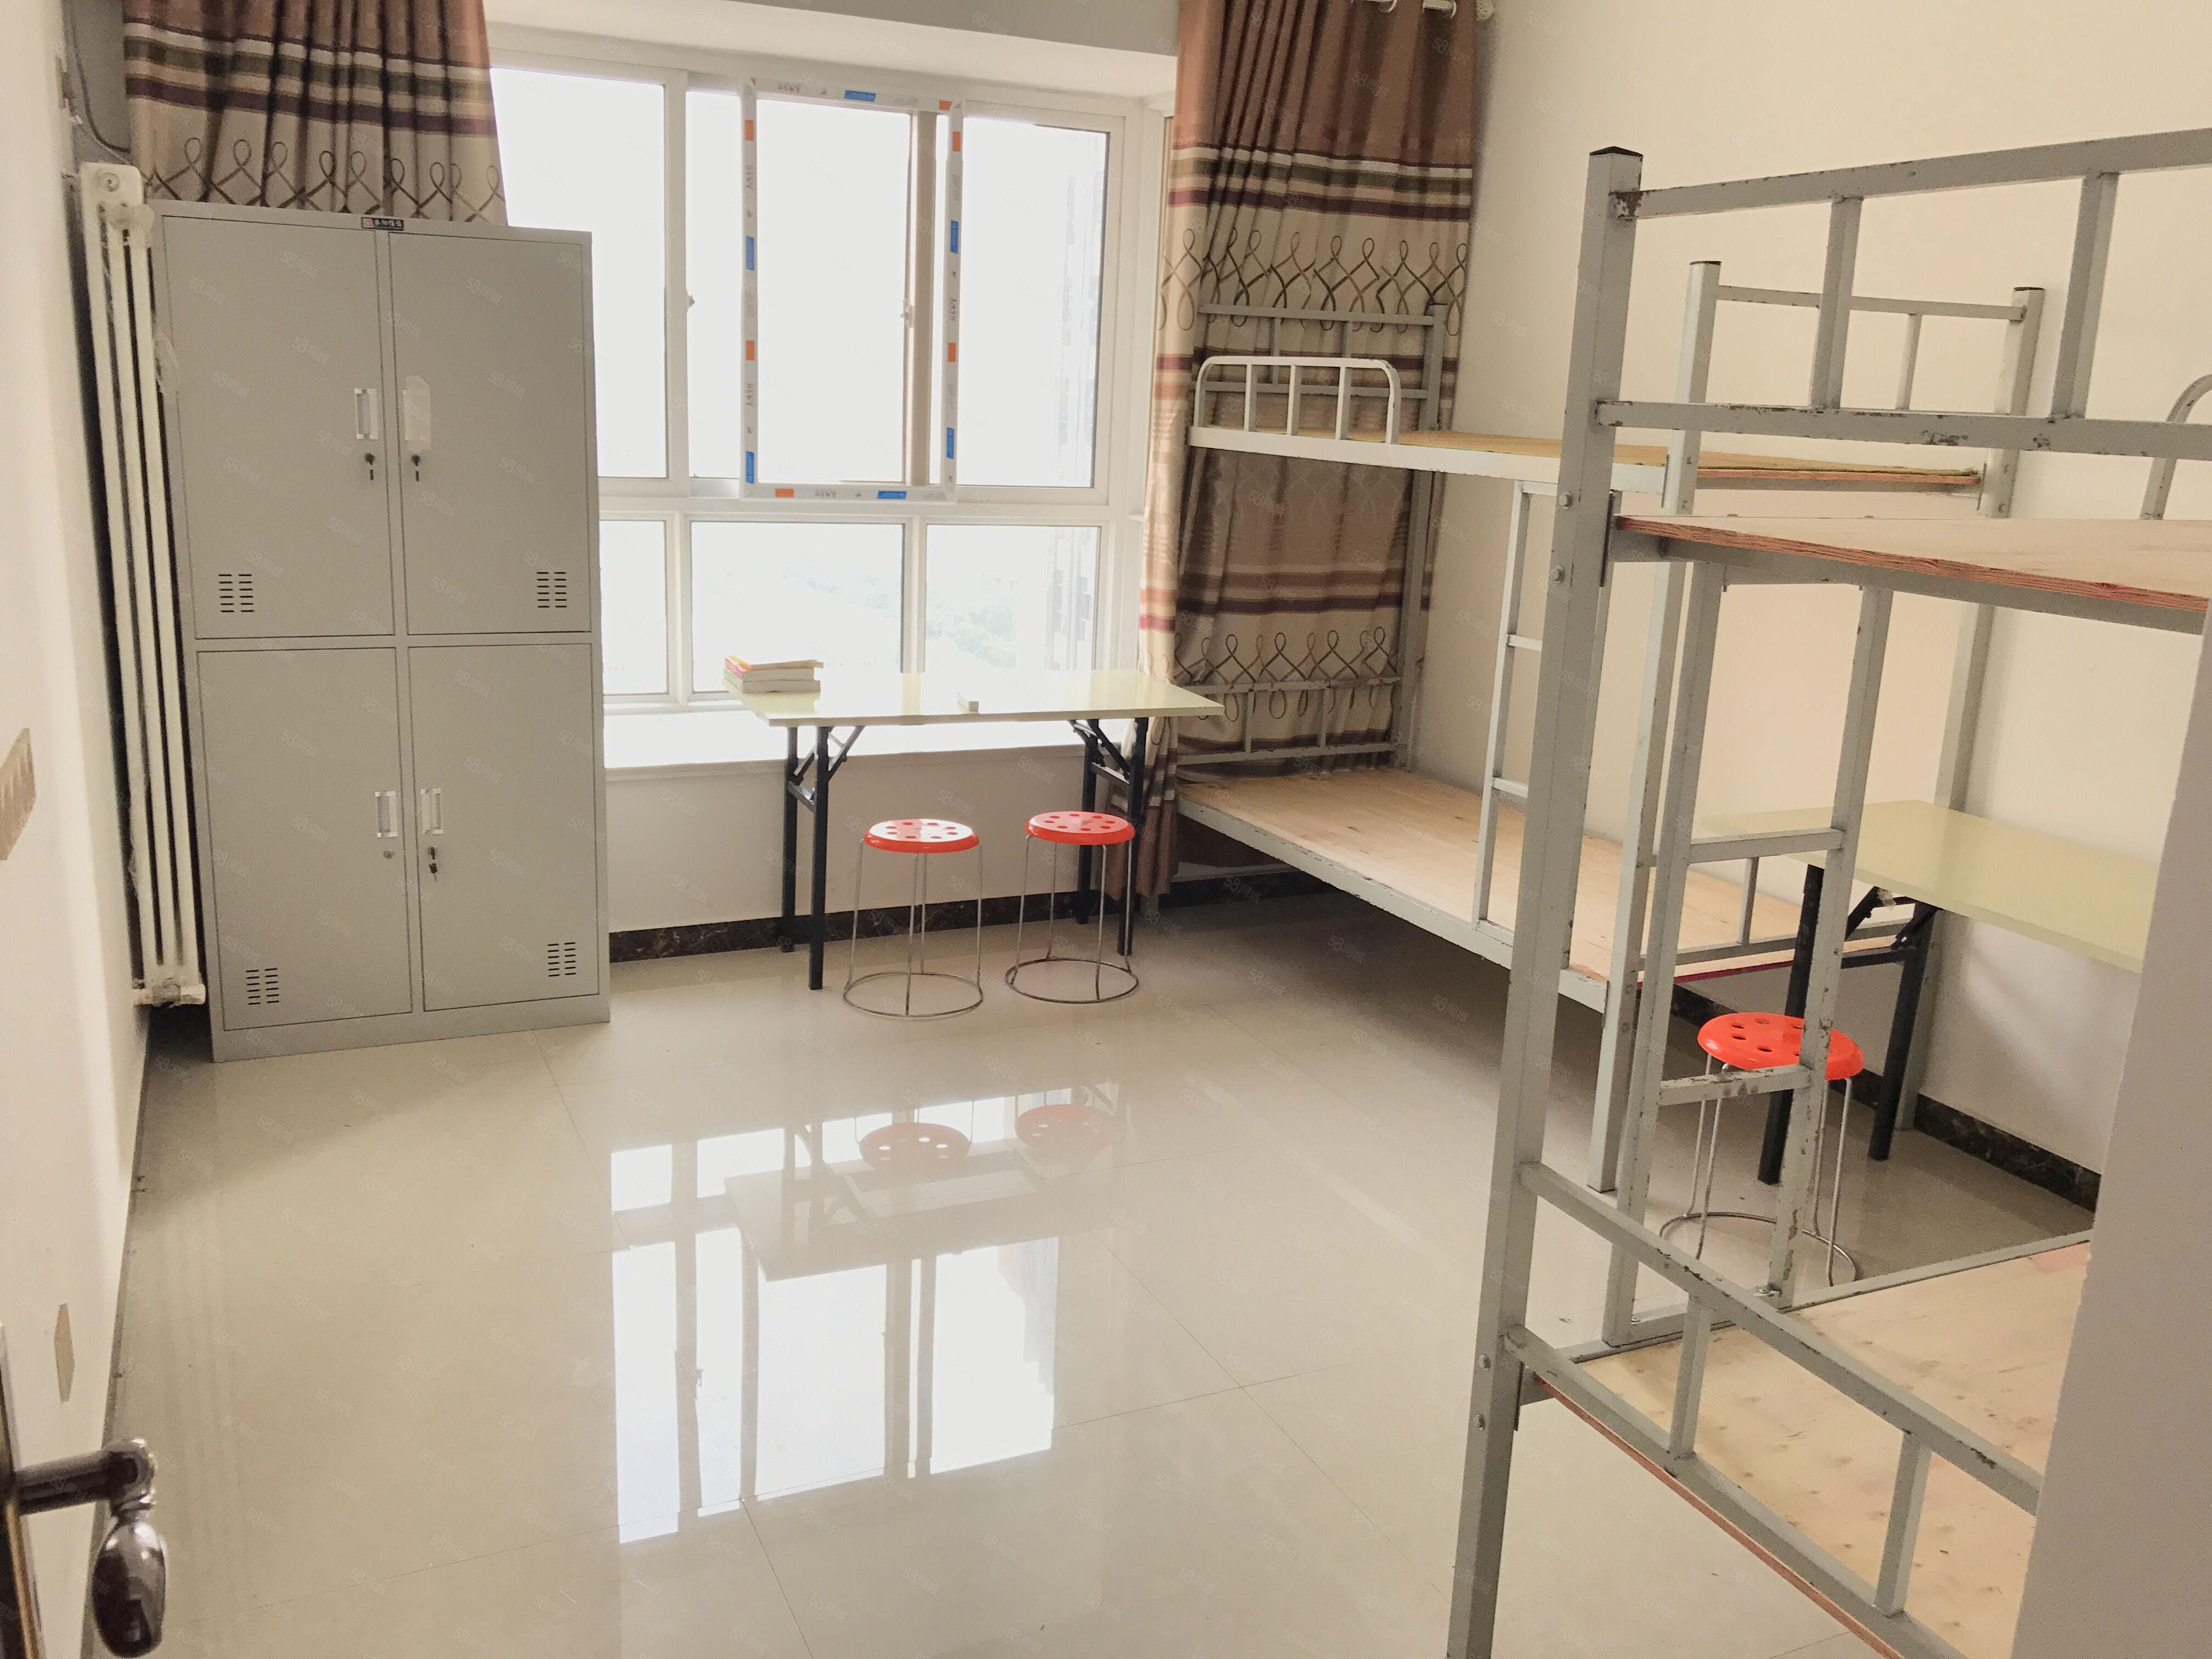 升龙又一城实习期床铺合租270,随时入住可月租。